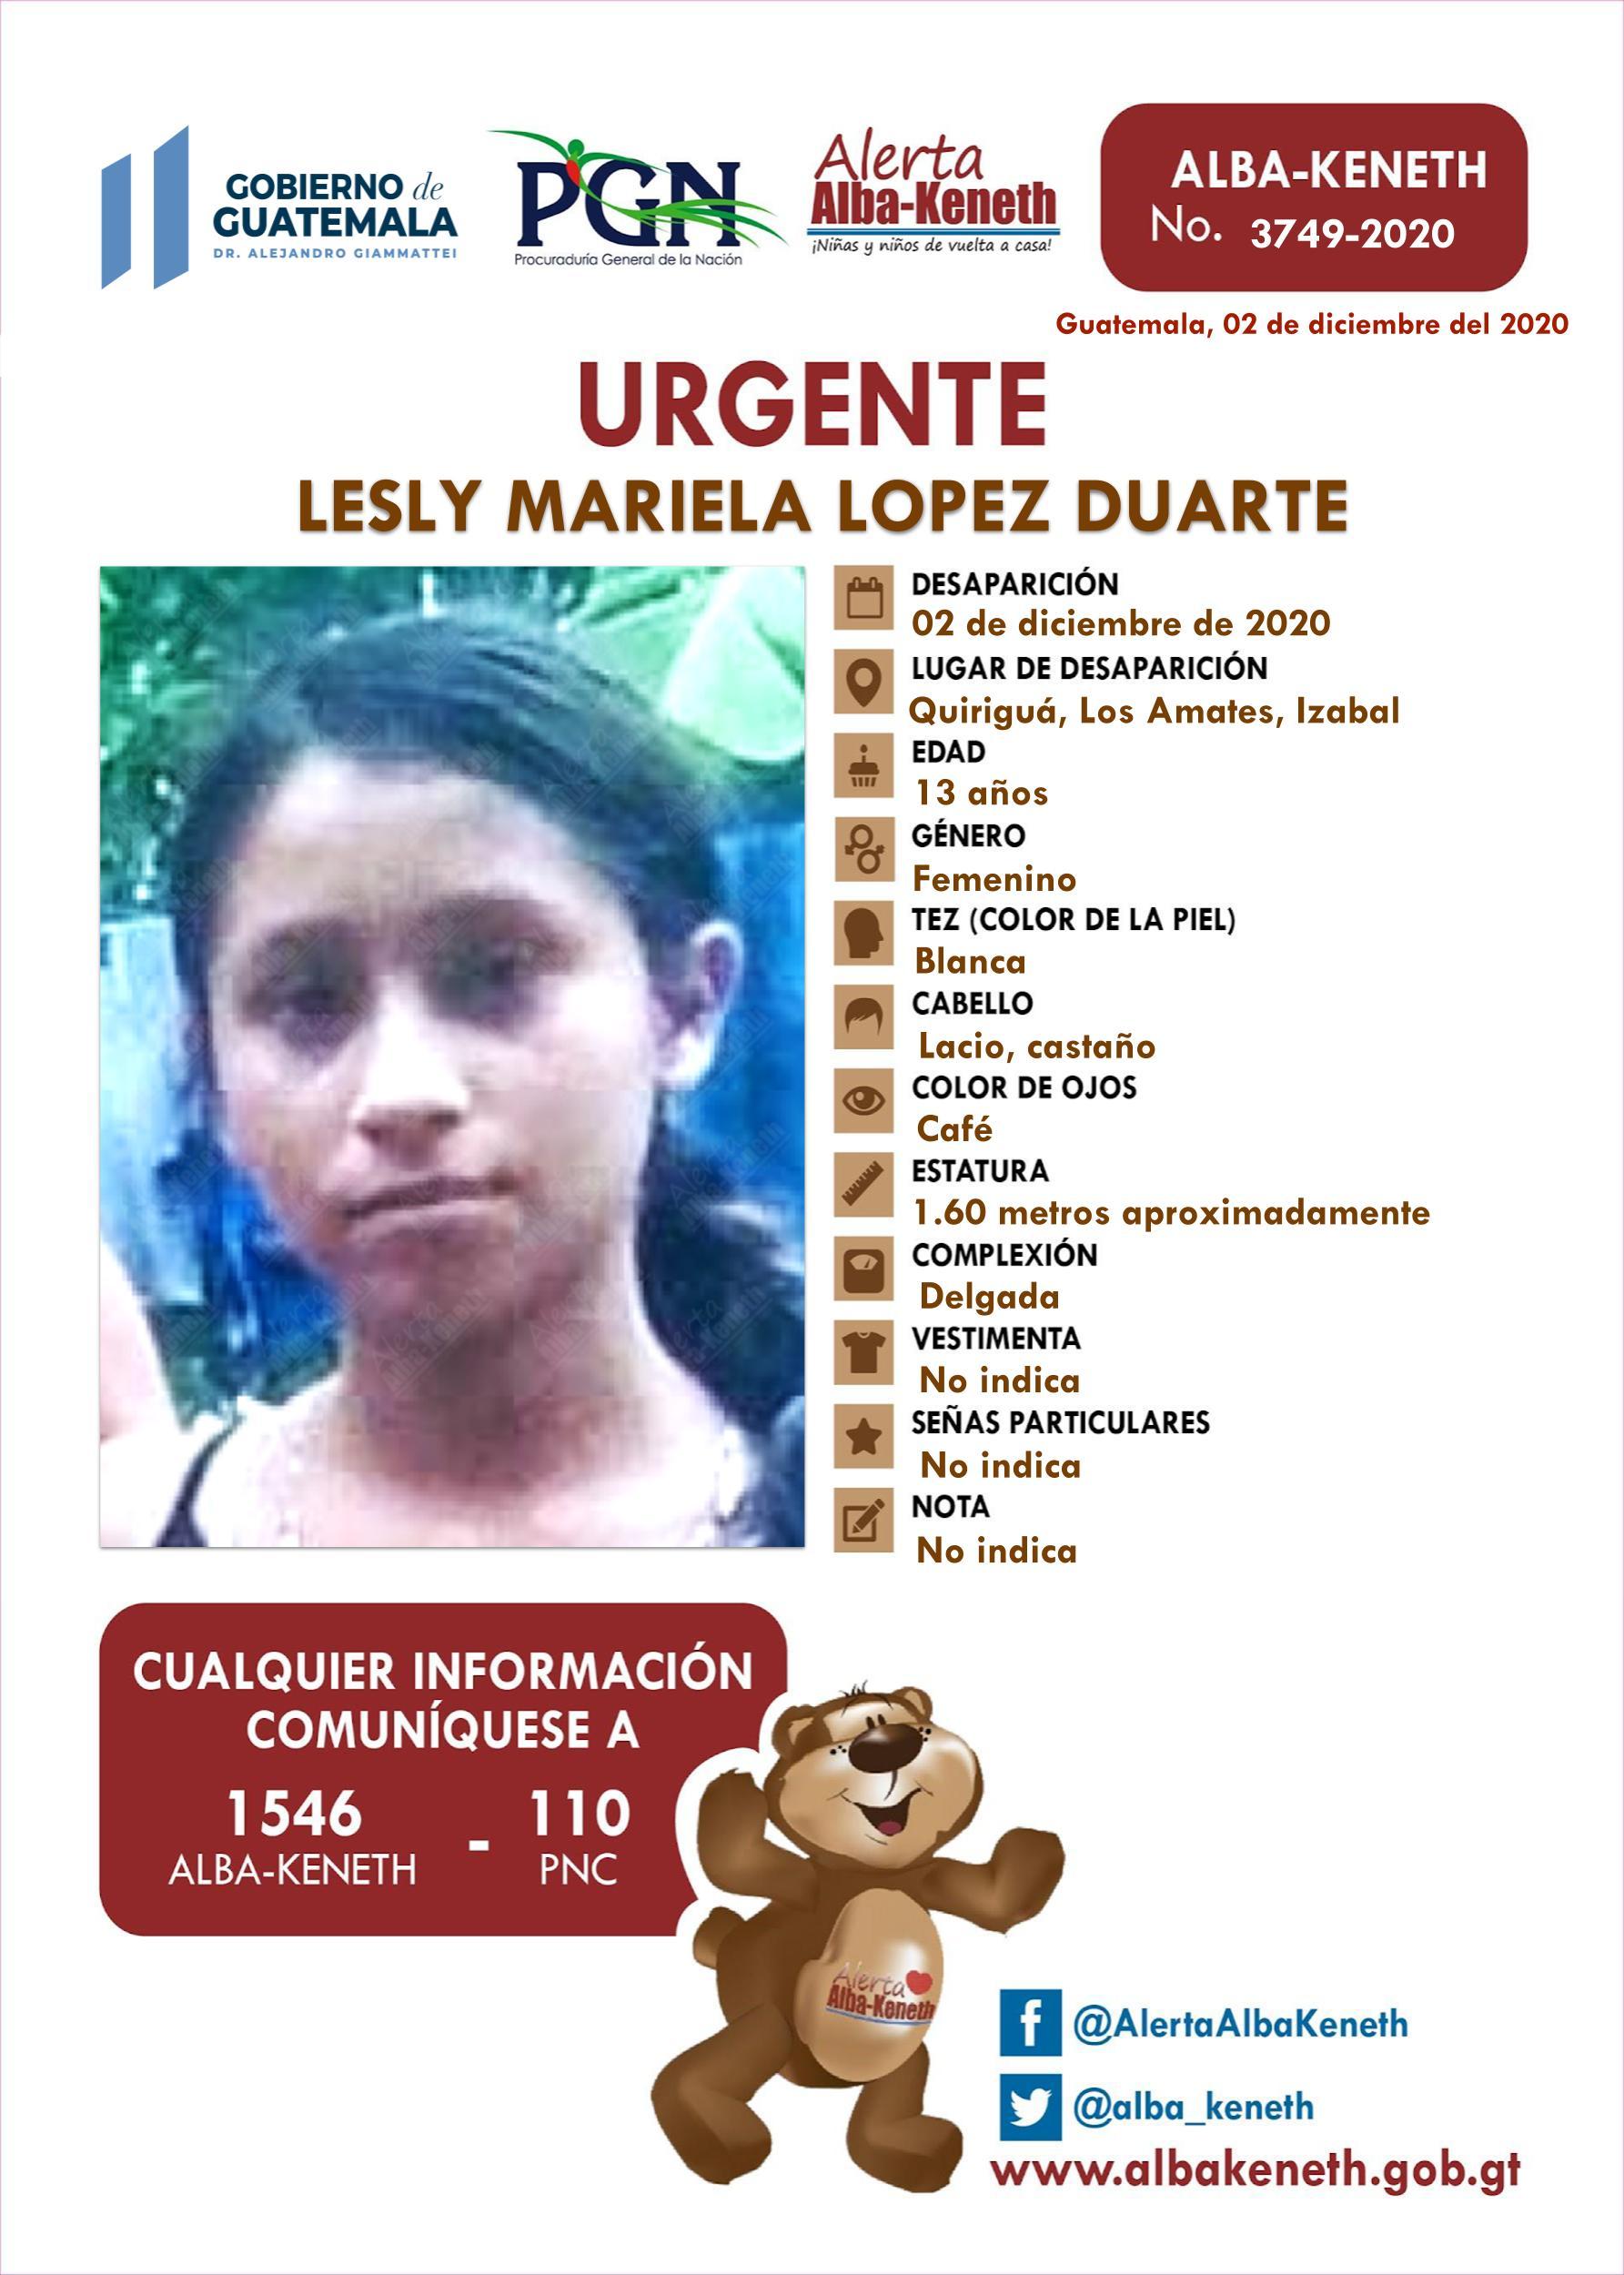 Lesly Mariela Lopez Duarte